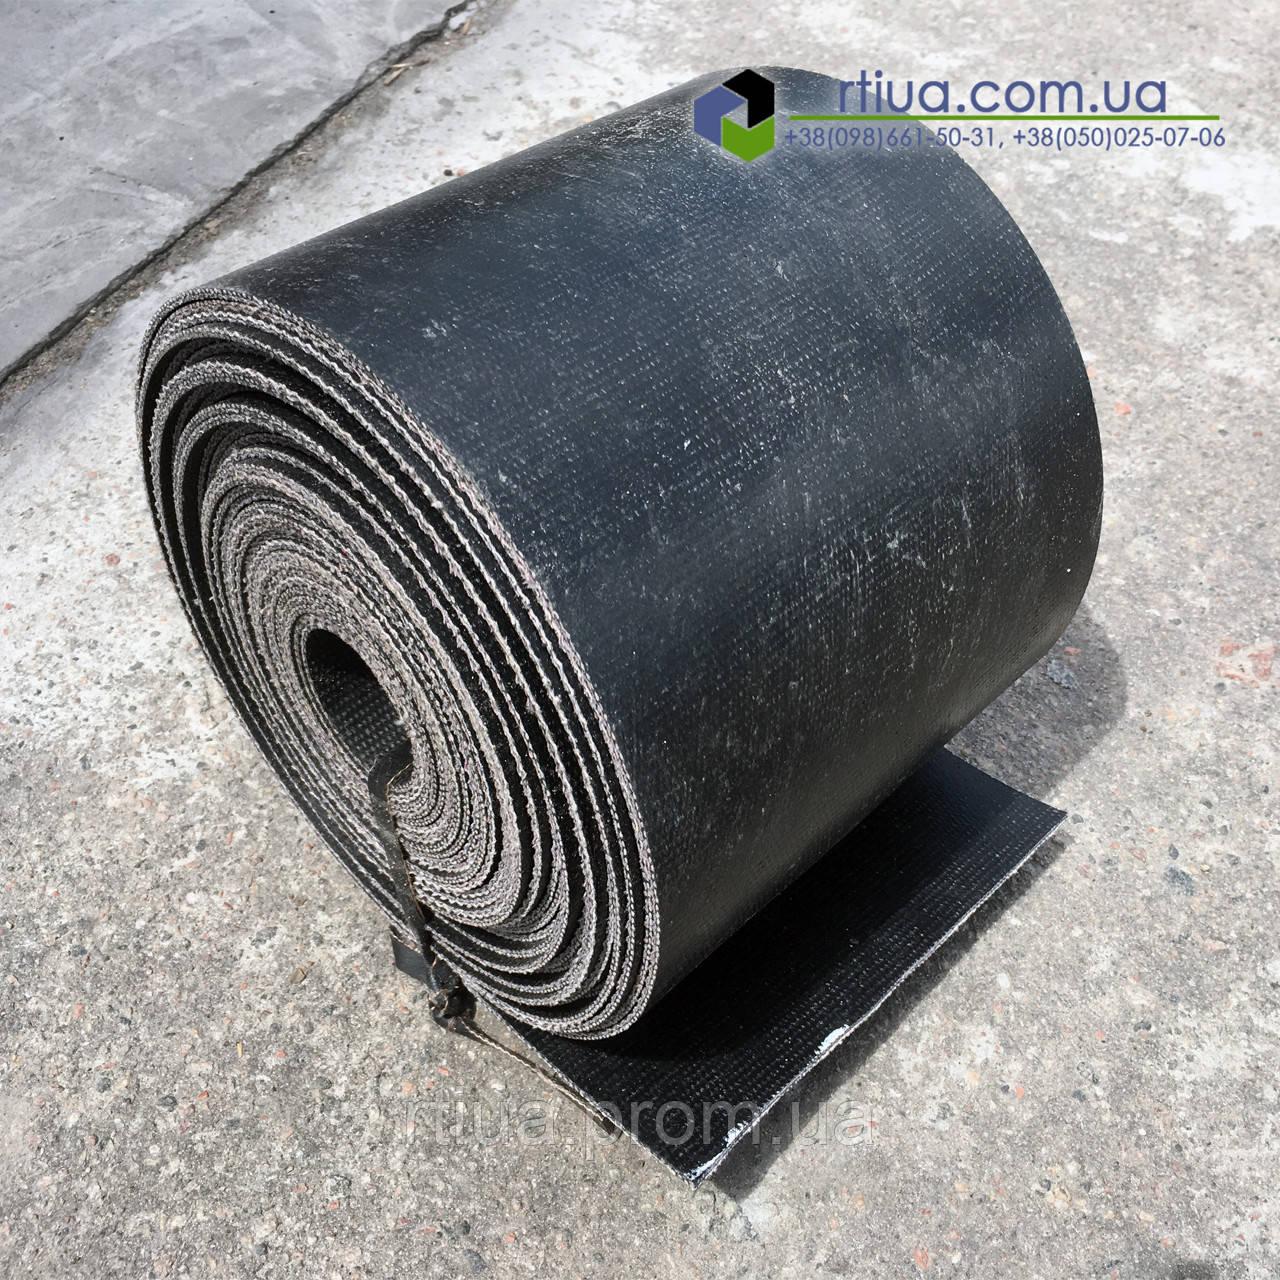 Транспортерная лента БКНЛ, 1000х3 - 3/1 (7 мм)